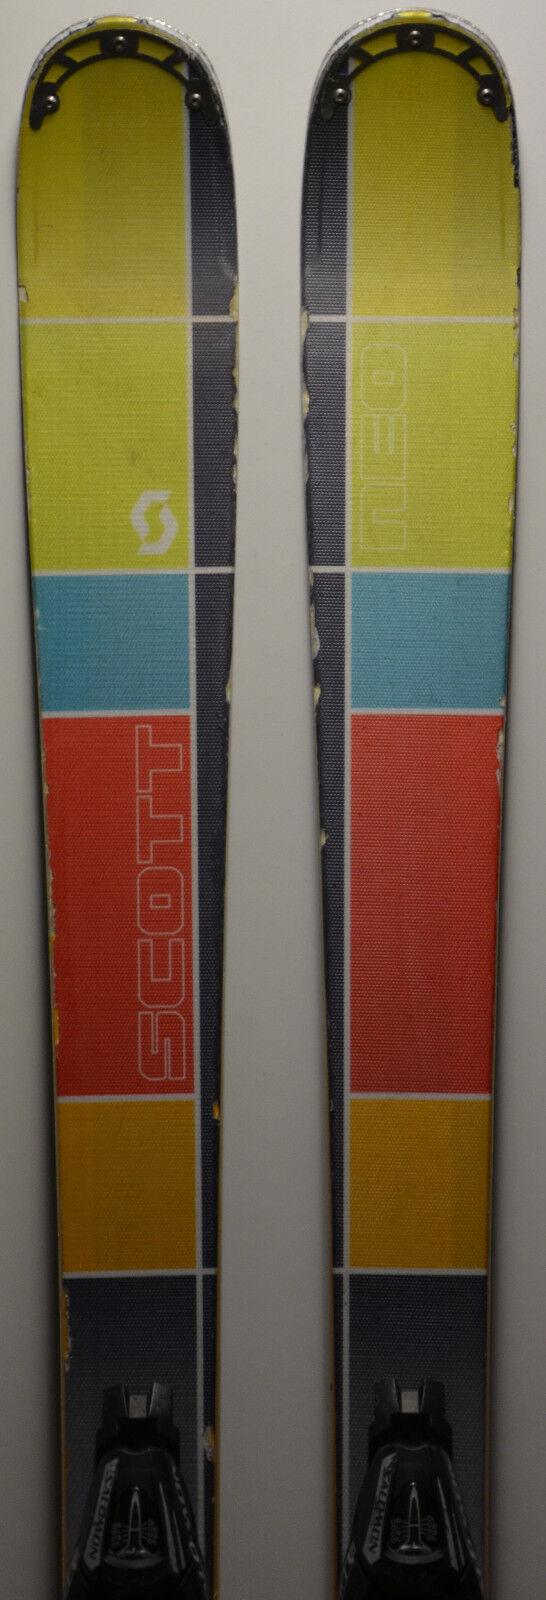 Skis parabolisch verwendet SCOTT Neo - 73 3 16in